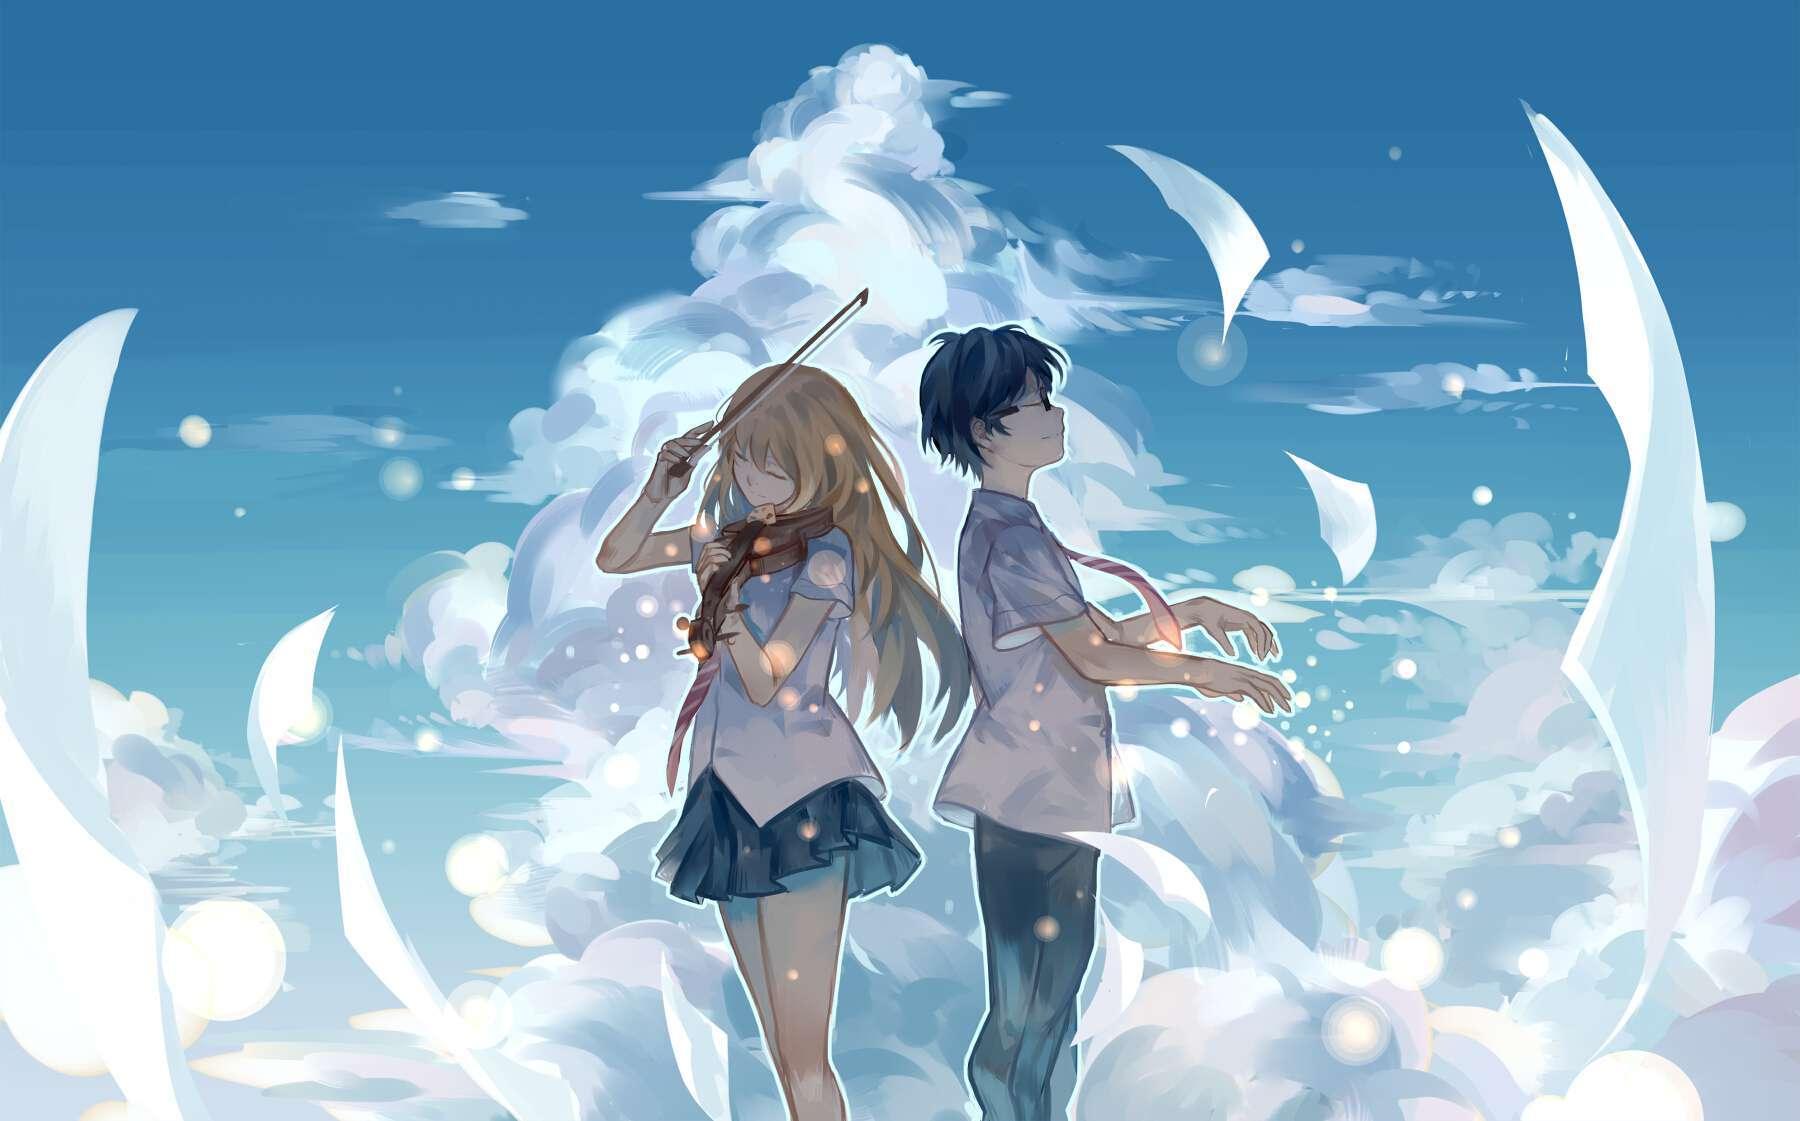 Inilah 7 Lagu Anime Sedih Yang Akan Menguras Air Matamu